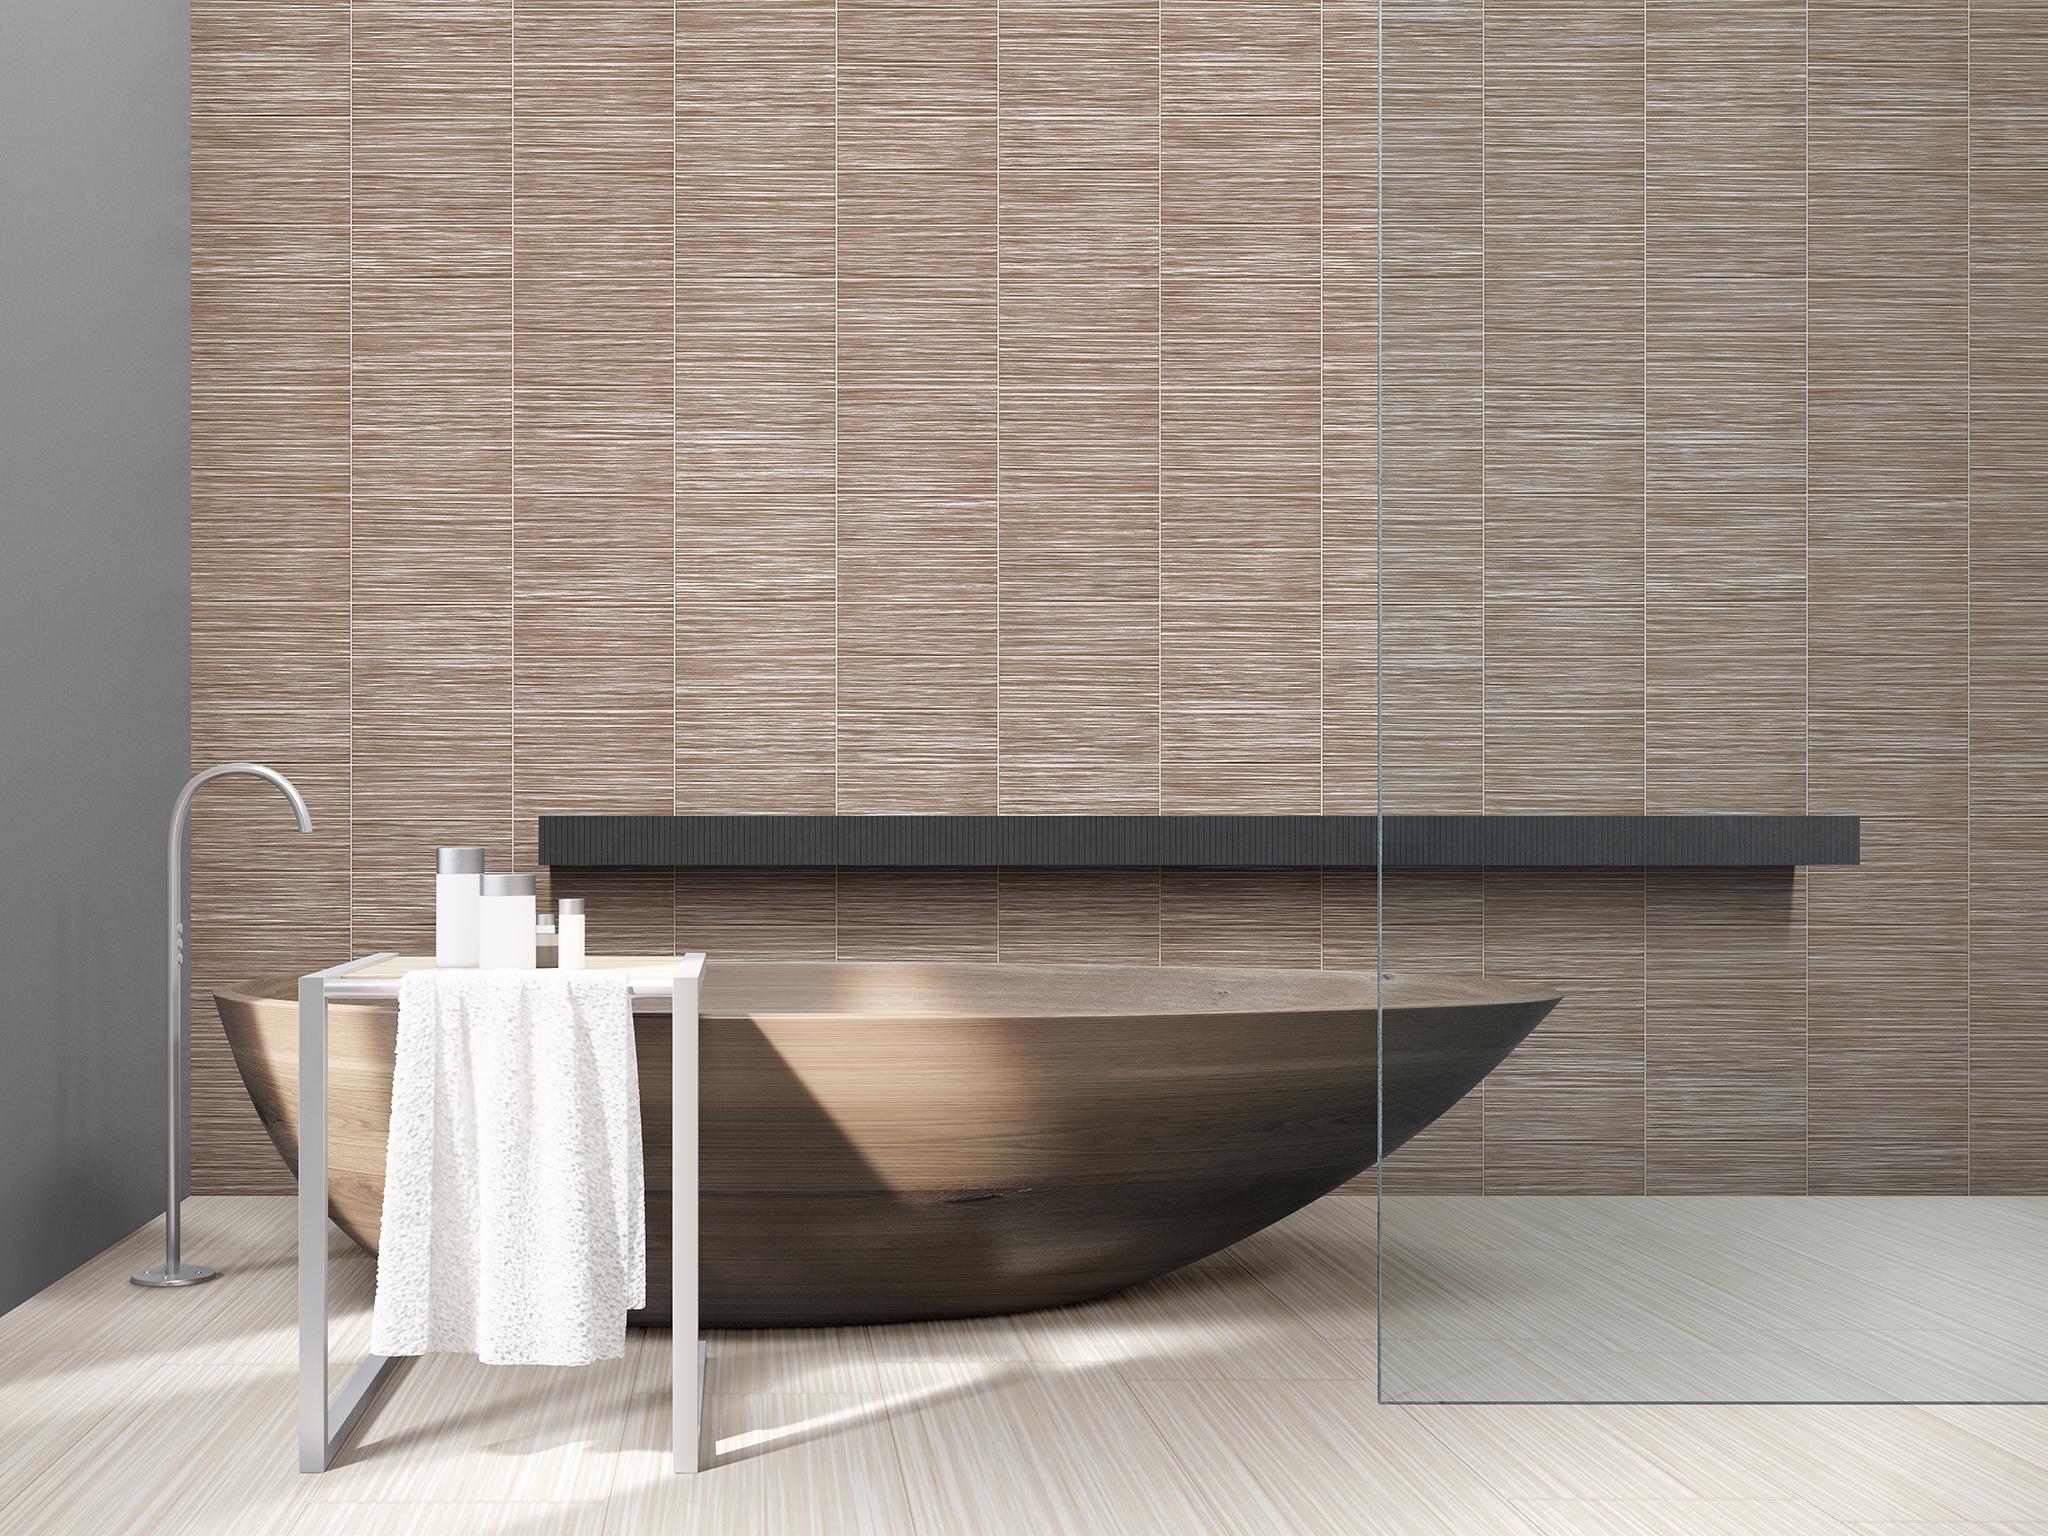 Floor - Linen, Wall - Suede